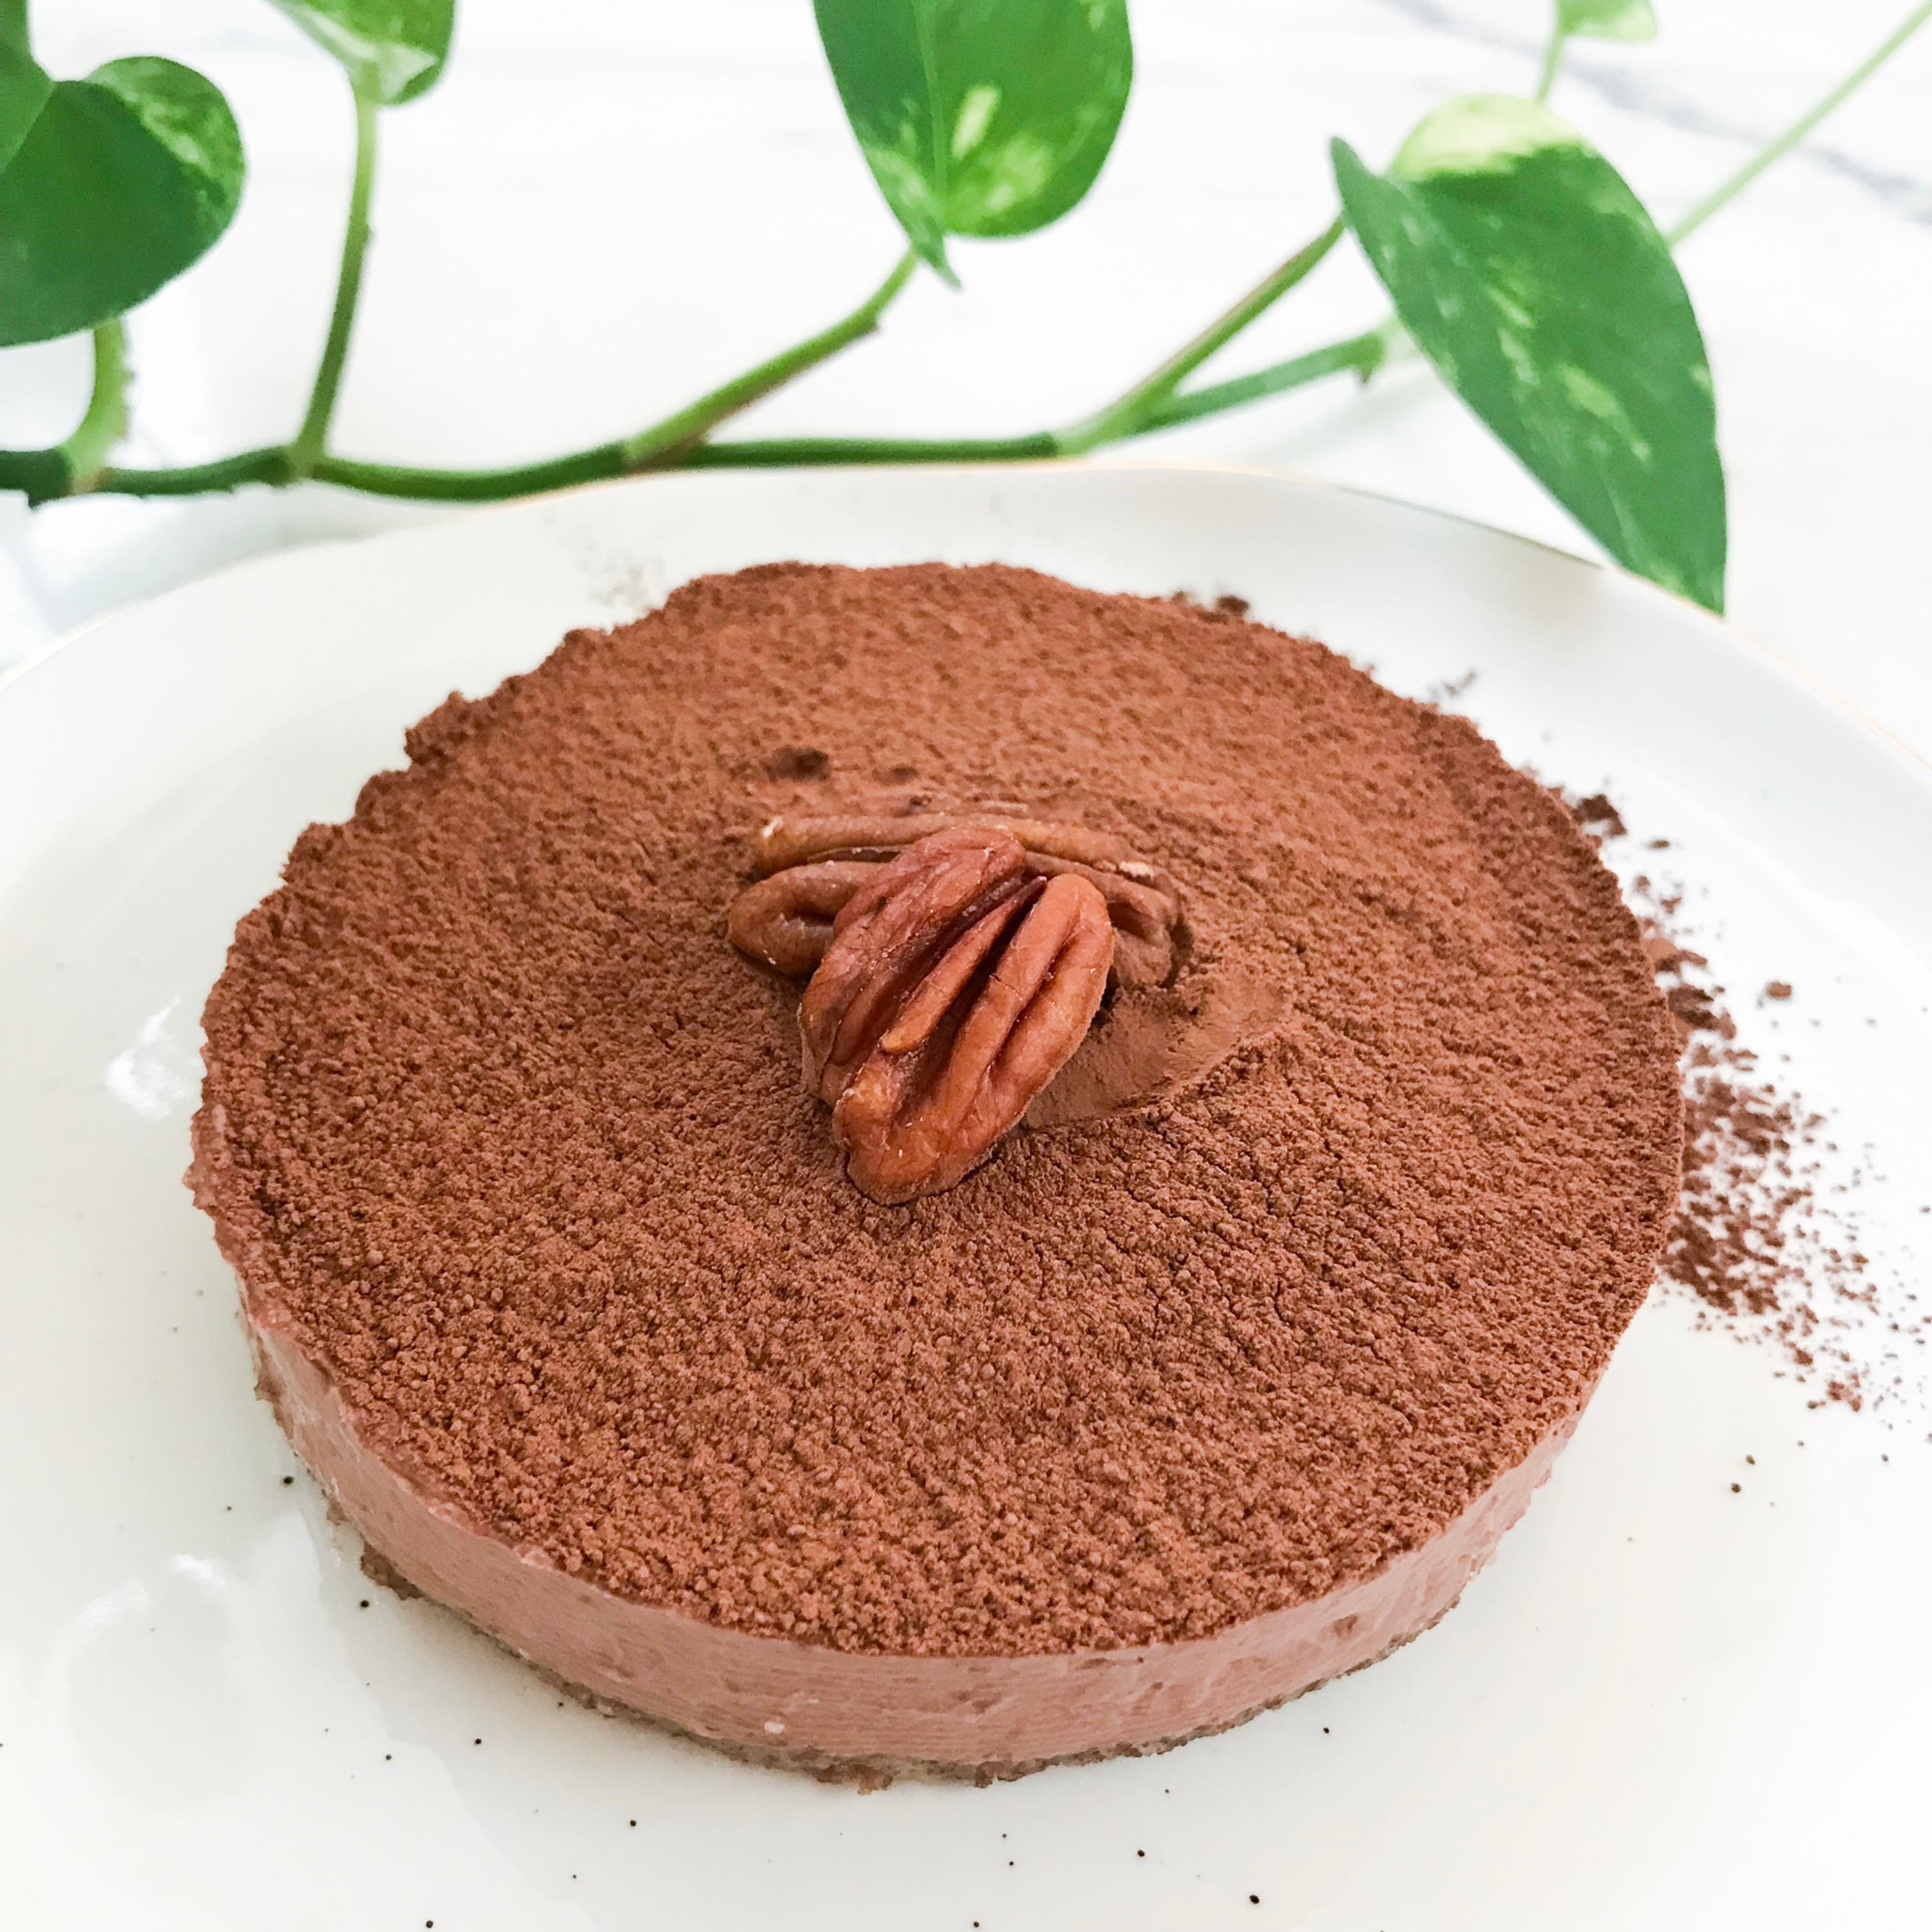 تارت الشوكولاته Chocolate Tart Chocolate Tart Chocolate Tart